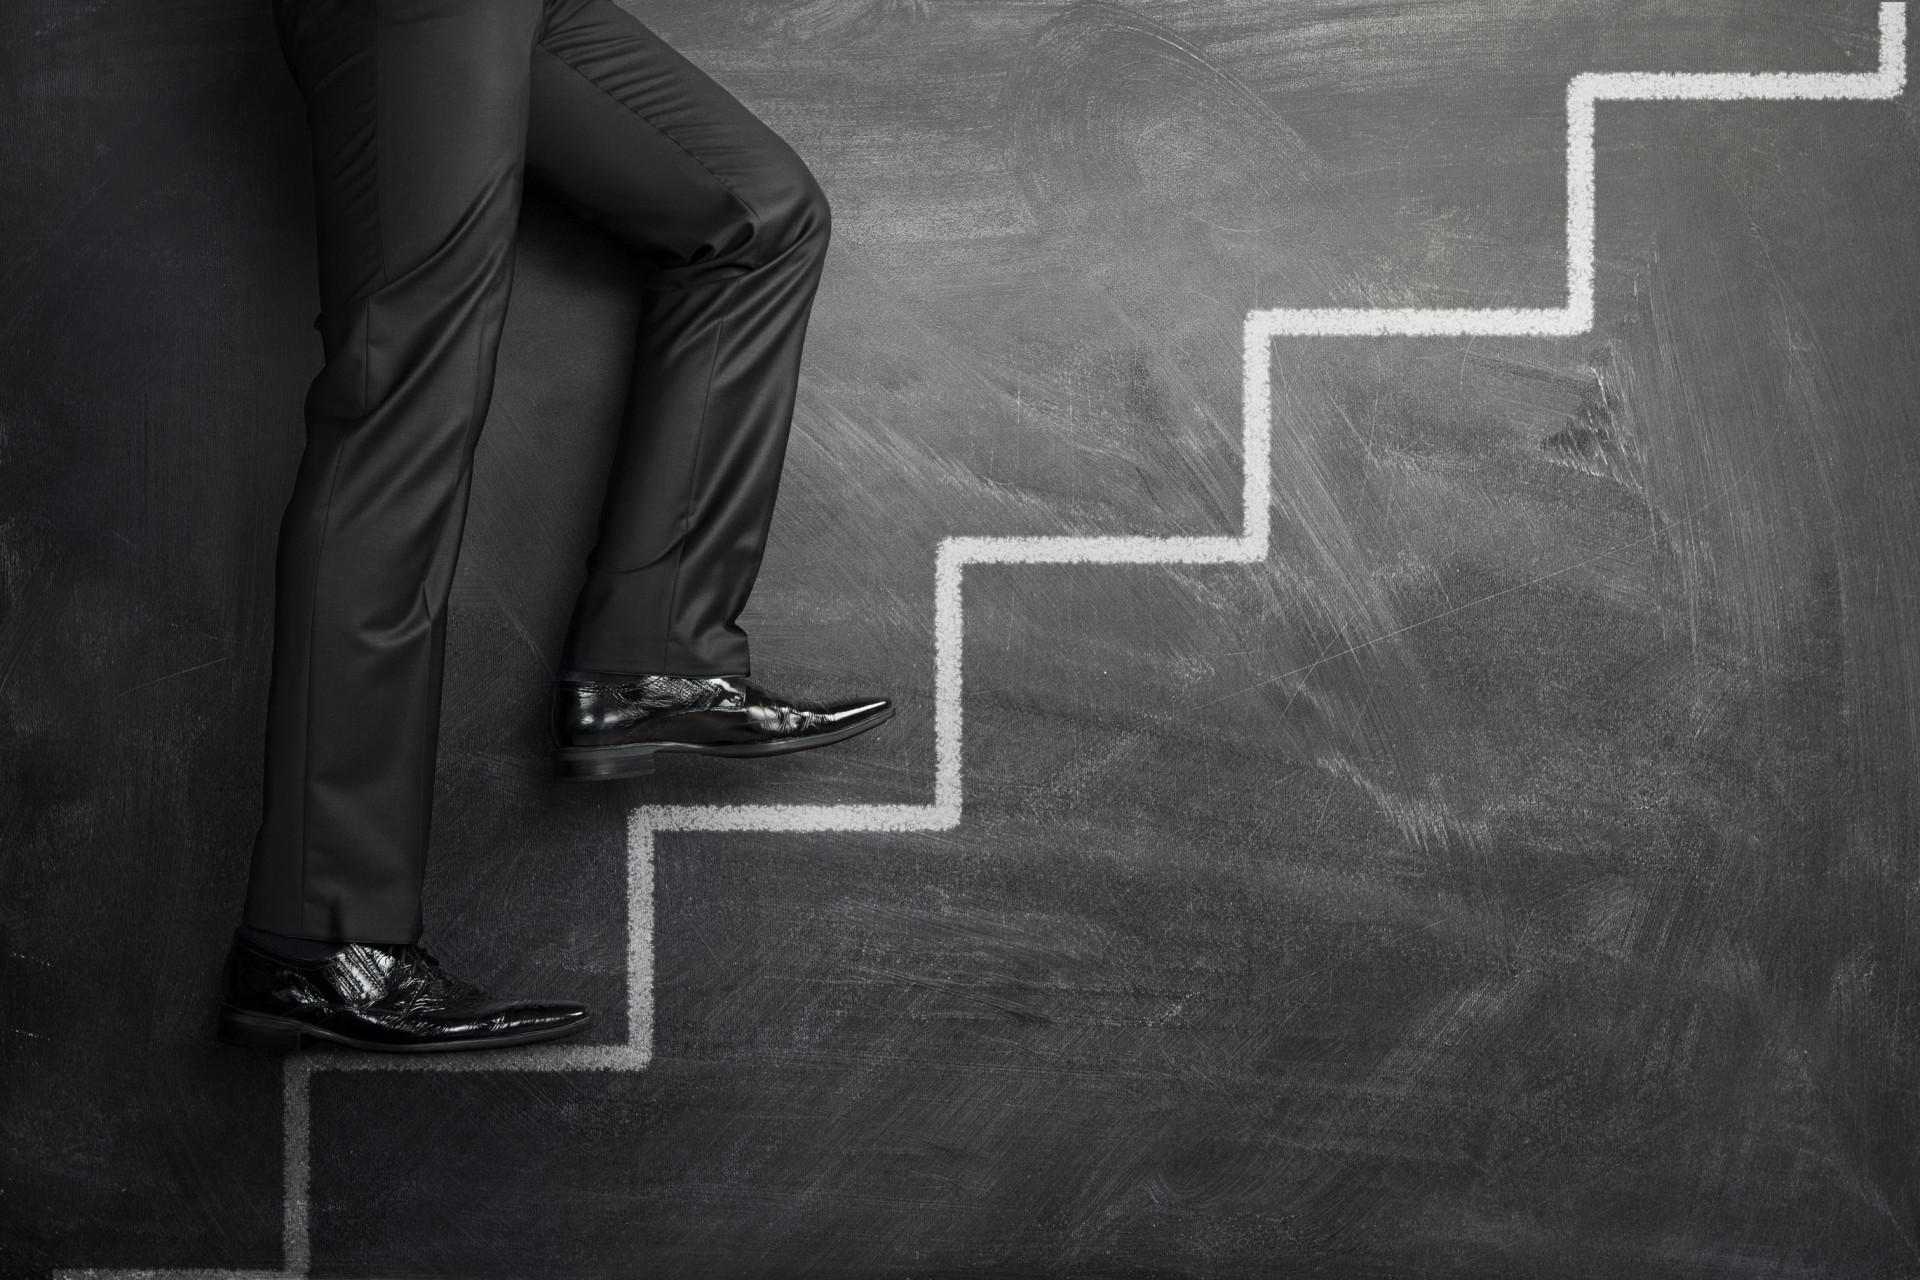 הגדלת מכירות בעזרת יועץ שיווקי עסקי